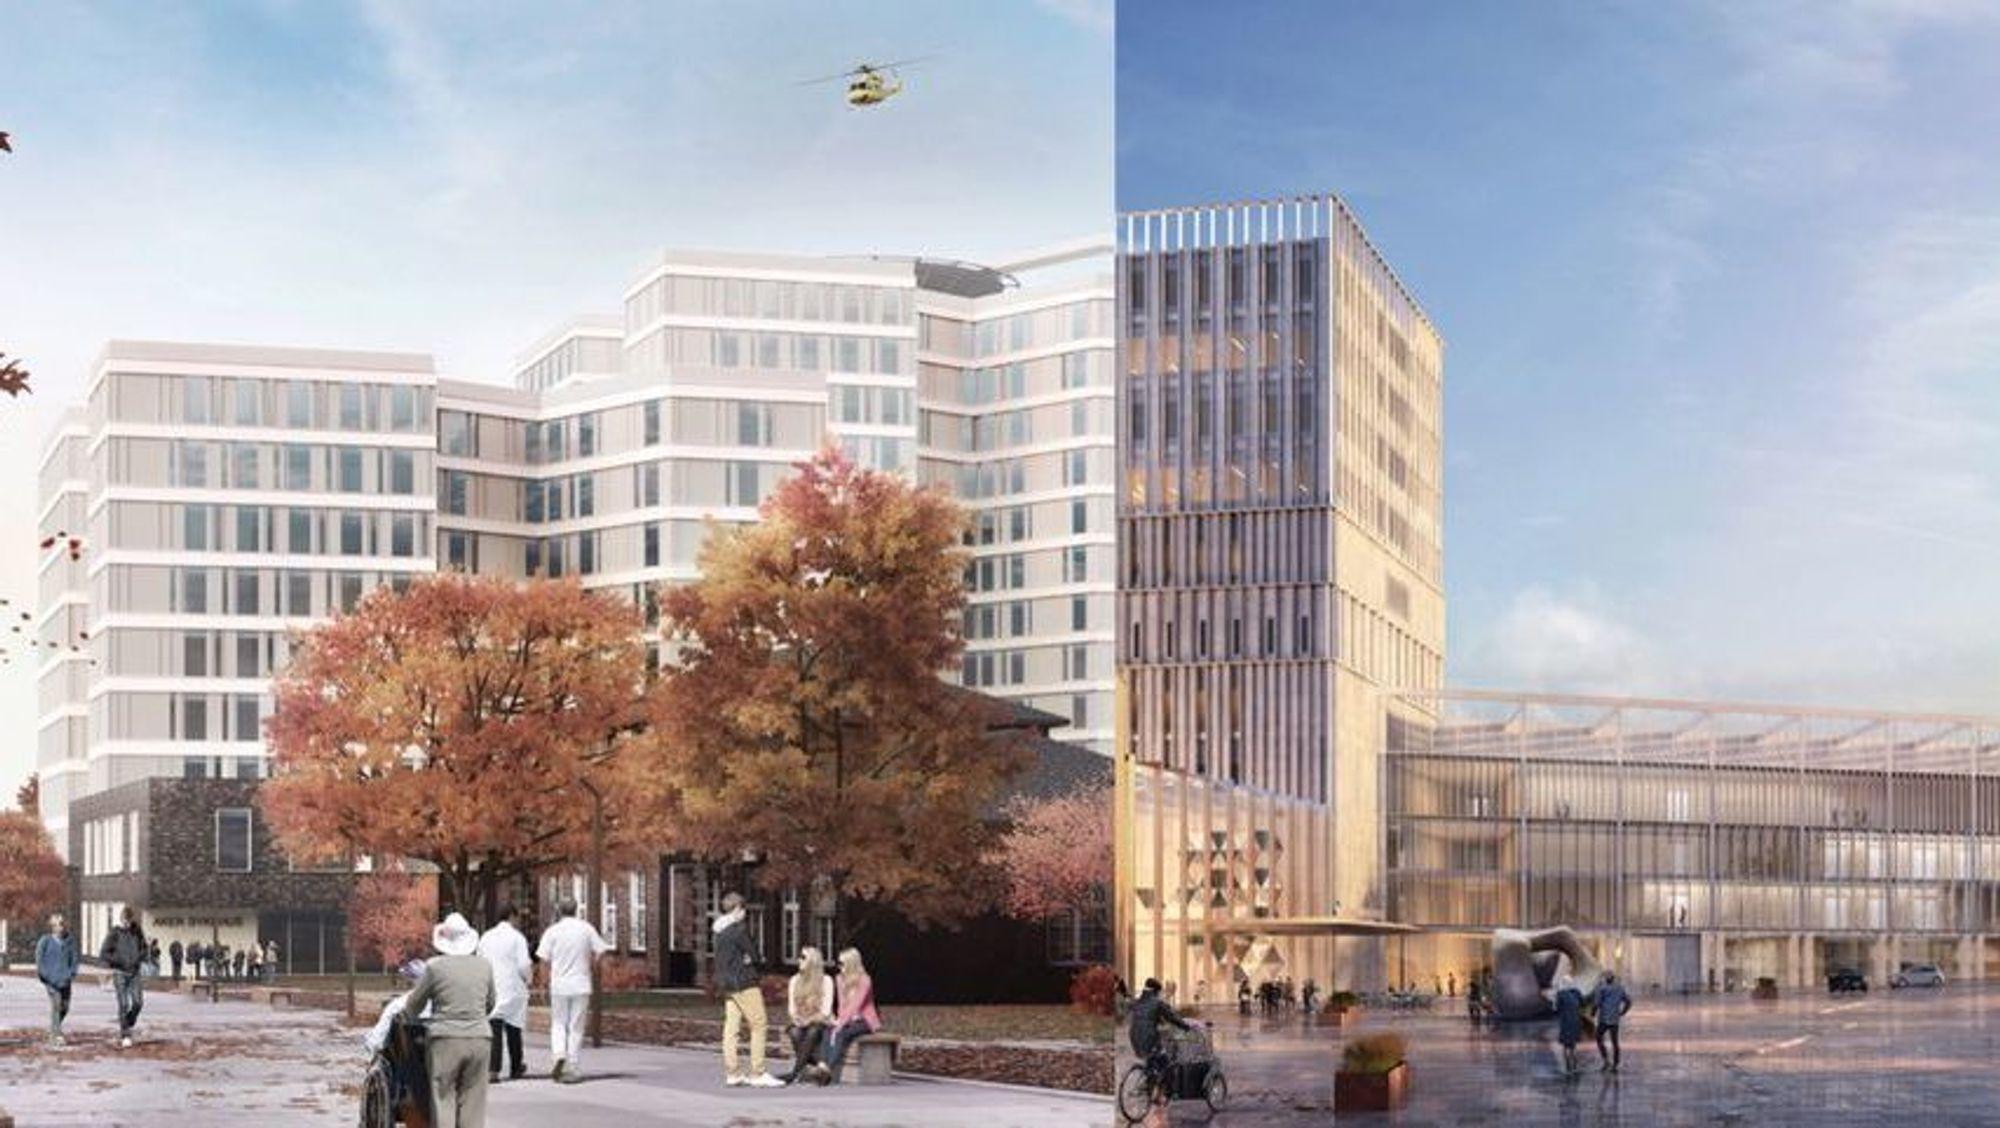 Til venstre: Skisse av nye Aker sykehus. Til høyre: Skisse av nye Gaustad sykehus.